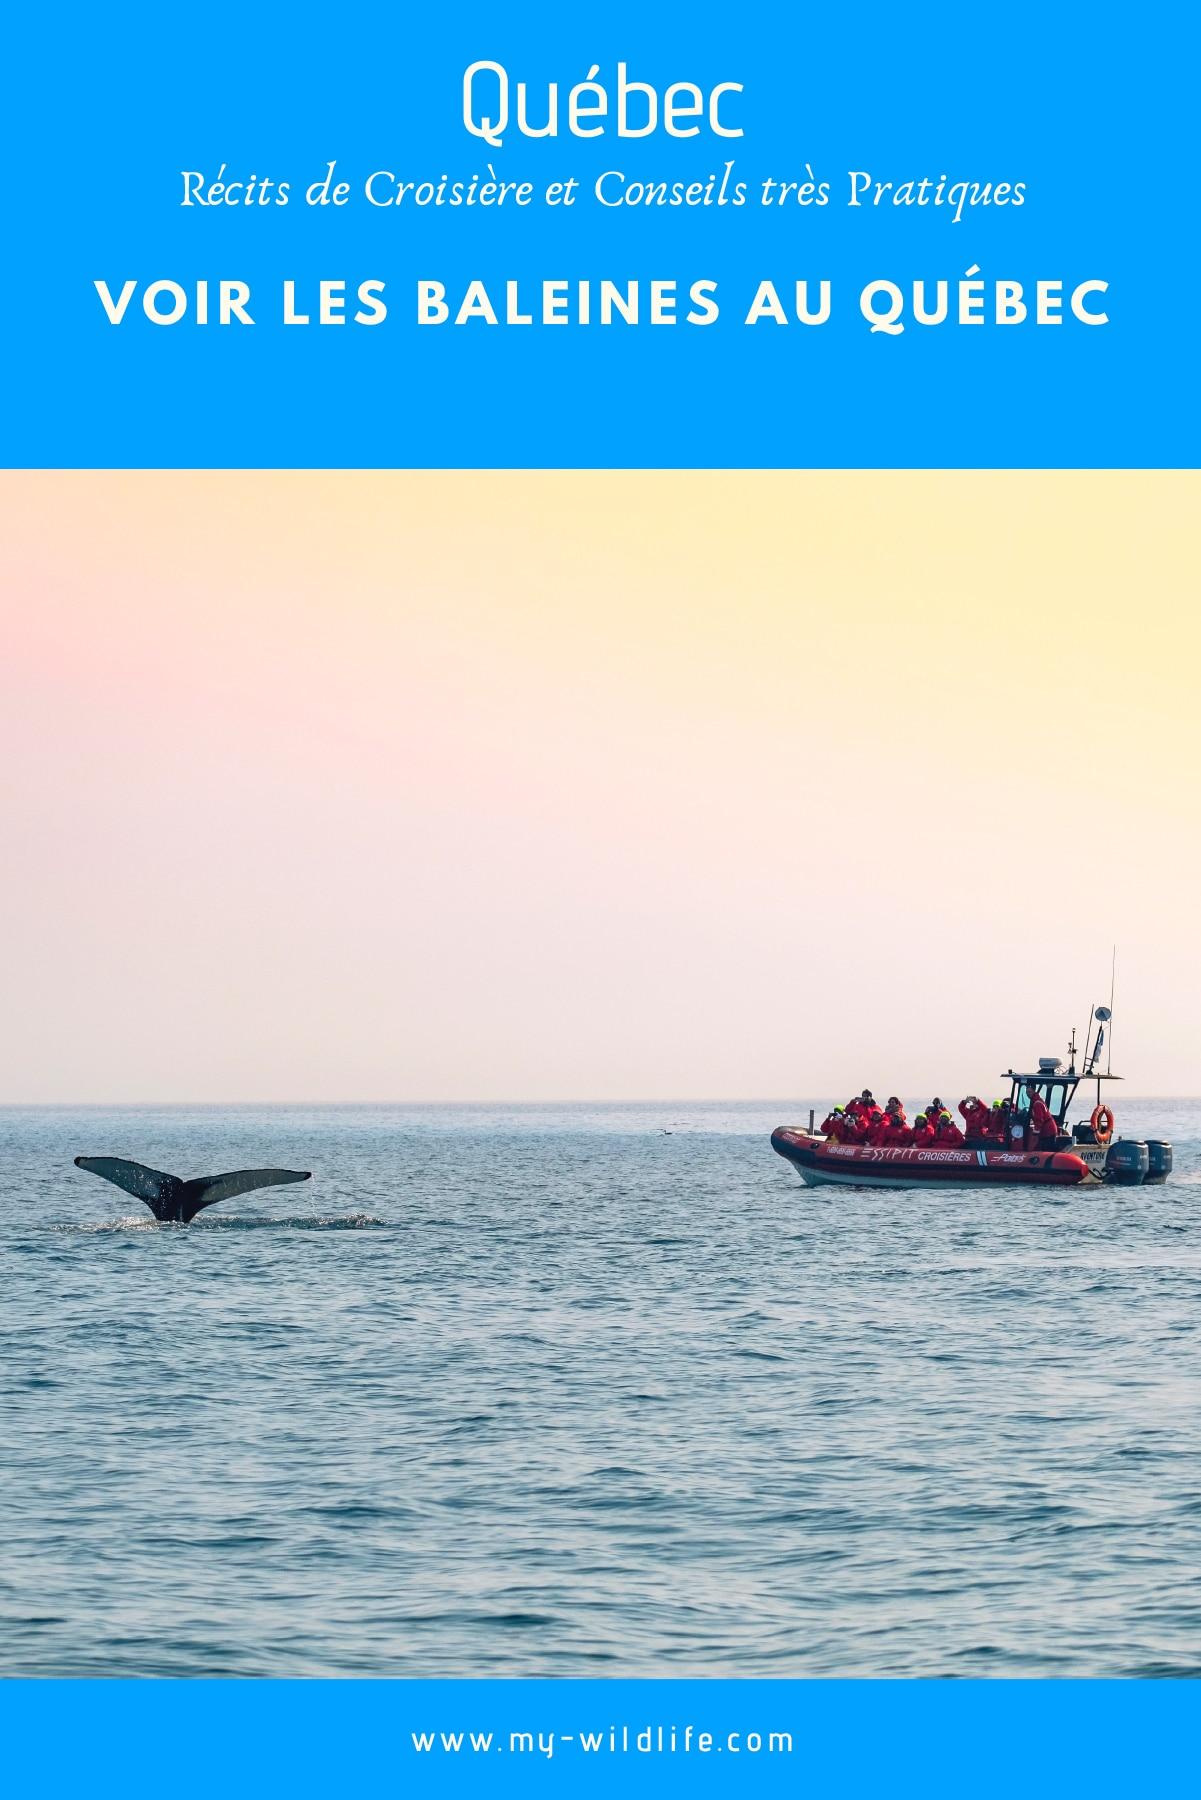 baleine-quebec-01